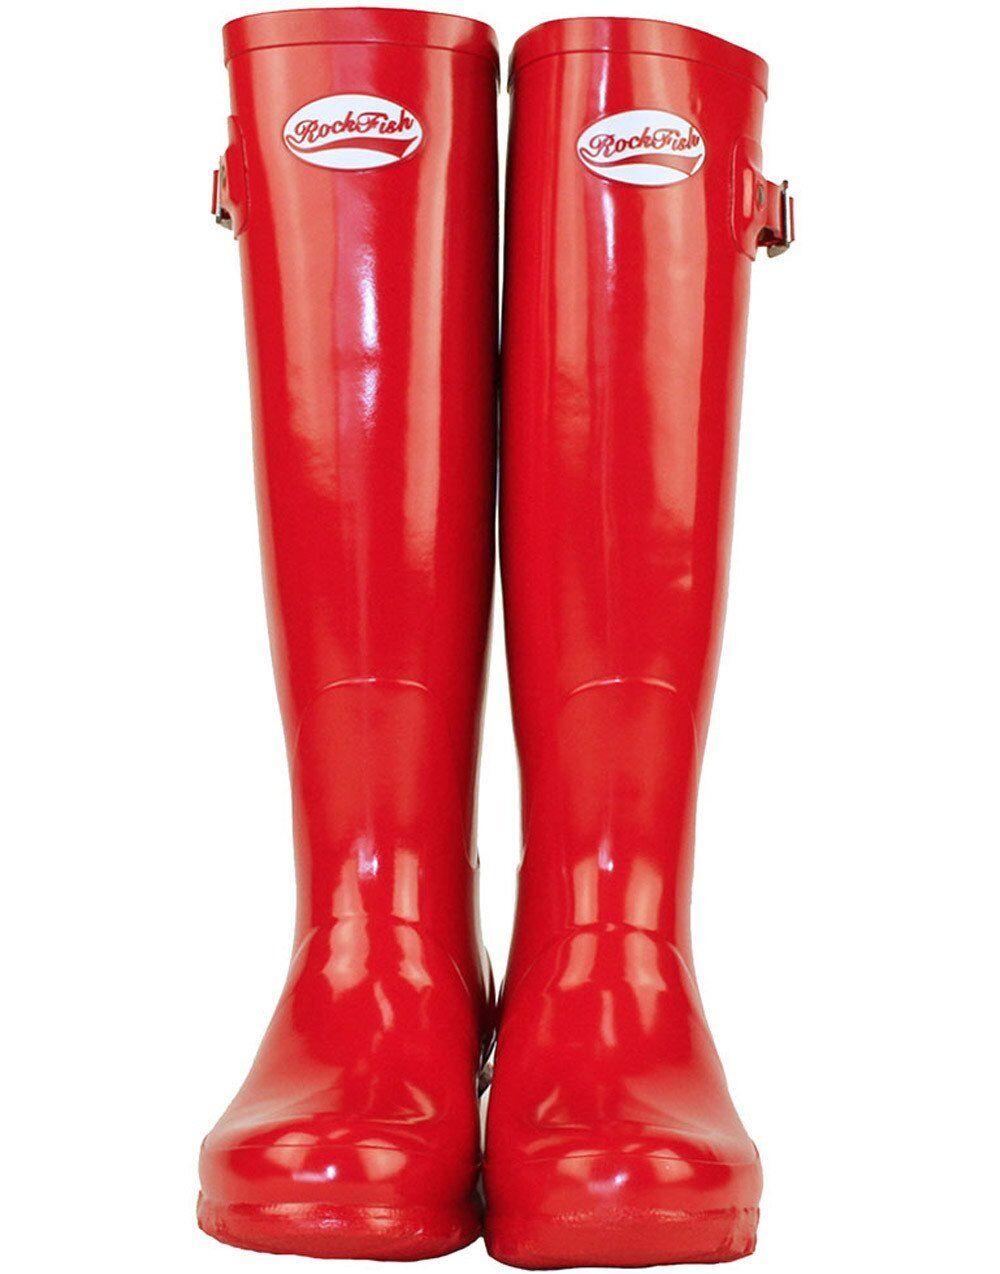 Gummistiefel Rockfish Damen Wasserfest Wellies Outdoor Stiefel rot Stallstiefel